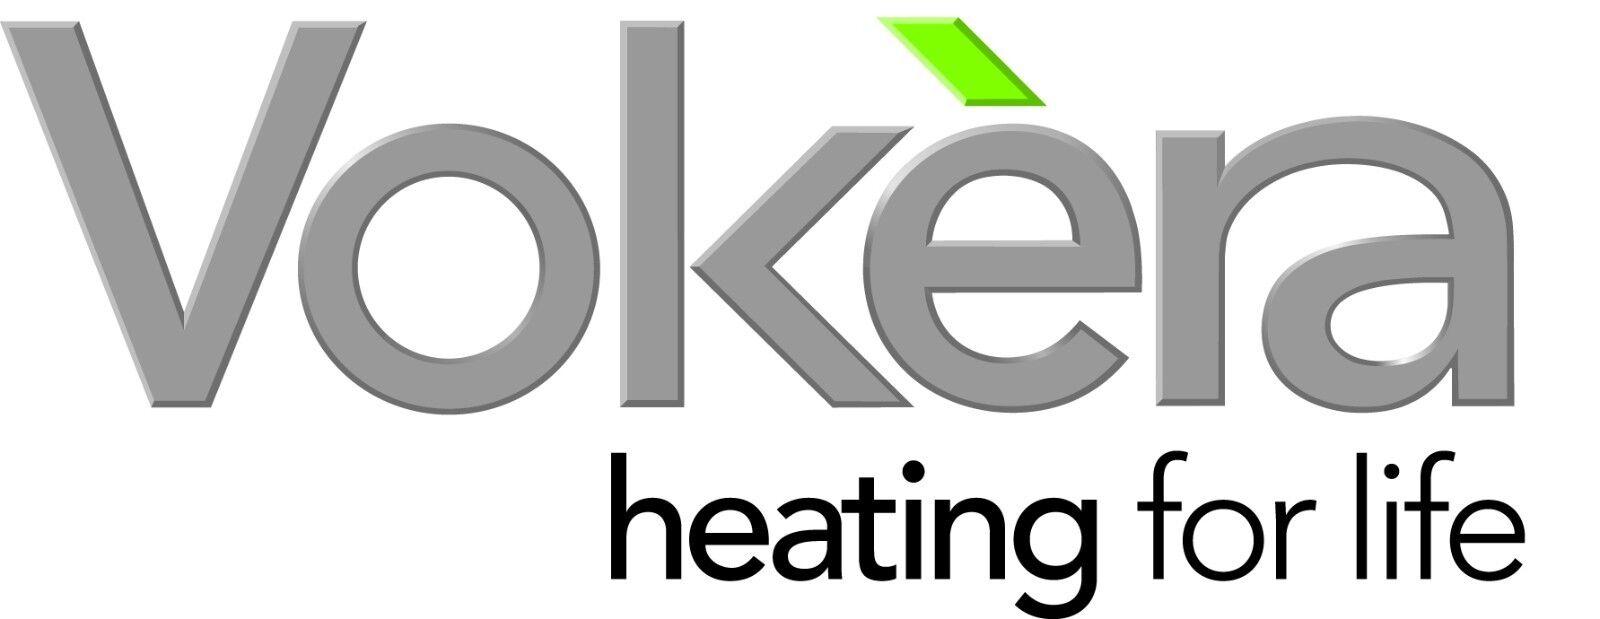 Vokera Mynute 35 ehe Am Meisten Gemeinsame Ersatzteile für Reparatur von Kocher